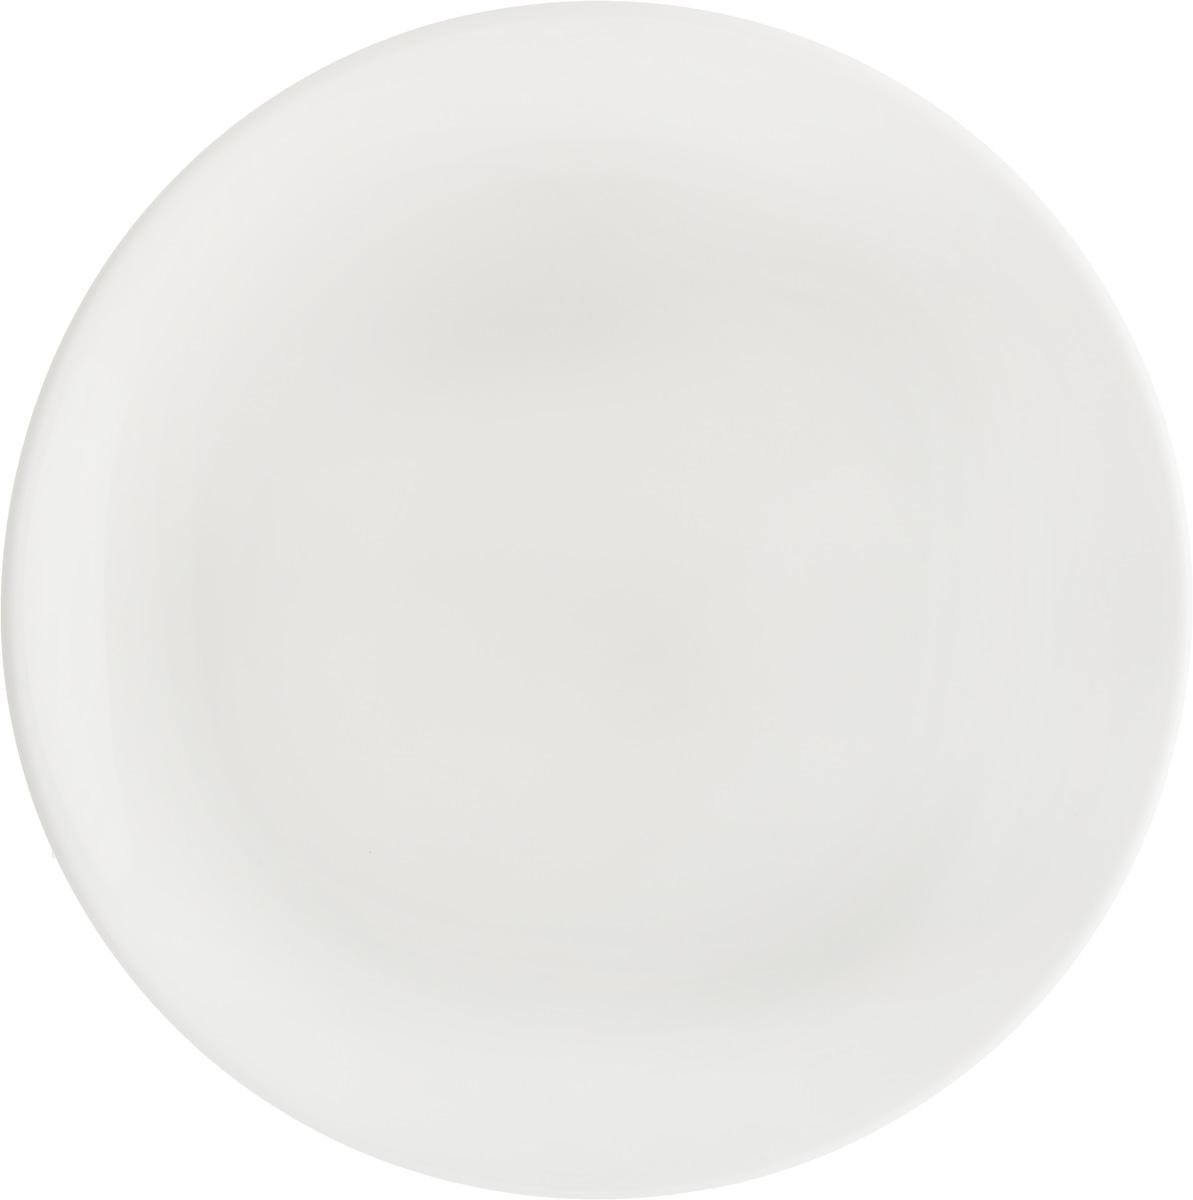 Тарелка Ariane Коуп, диаметр 18 см. AVCARN11018AVCARN11018Тарелка Ariane Коуп, изготовленная из высококачественного фарфора, имеет классическую круглую форму. Такая тарелка отлично подойдет в качестве блюда для закусок и нарезок, а также для подачи различных десертов. Изделие прекрасно впишется в интерьер вашей кухни и станет достойным дополнением к кухонному инвентарю. Тарелка Ariane Коуп подчеркнет прекрасный вкус хозяйки и станет отличным подарком. Можно мыть в посудомоечной машине и использовать в микроволновой печи. Высота: 1,5 см. Диаметр тарелки: 18 см.